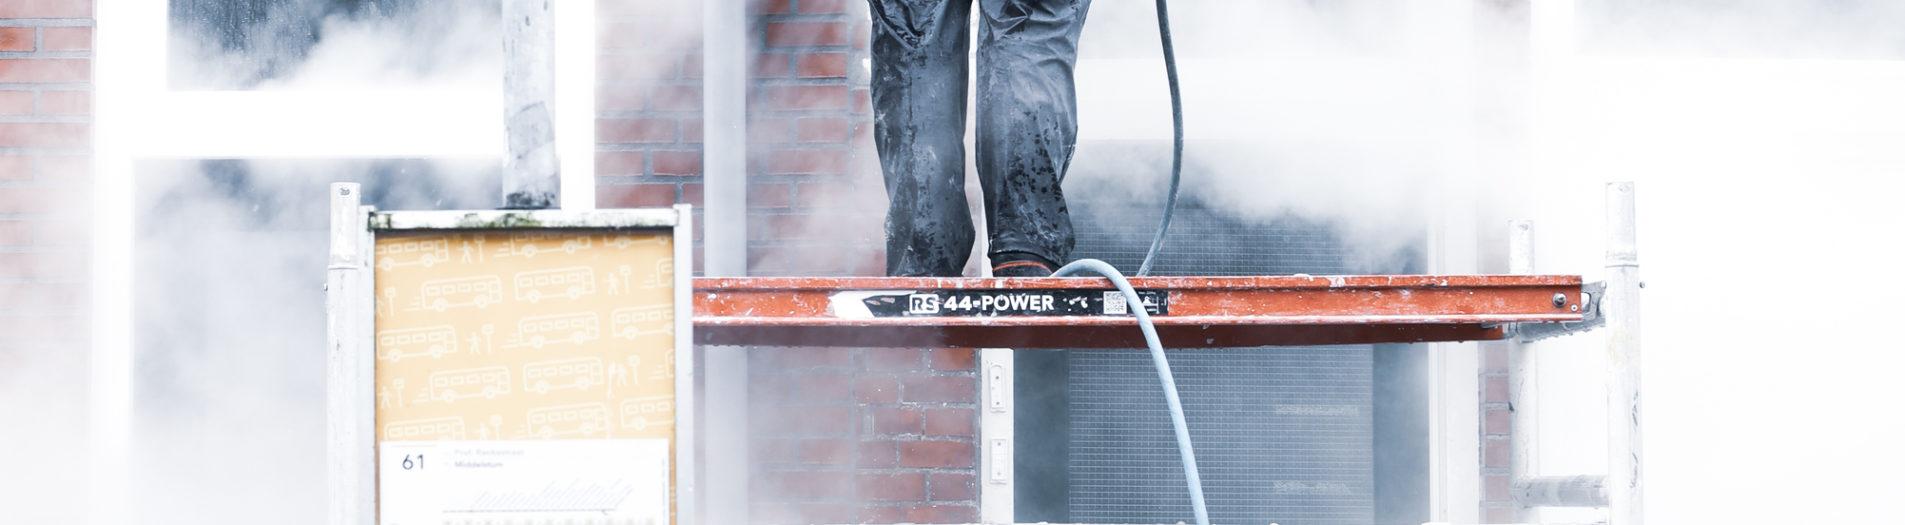 Siesling B.V. (Hoge druk stoom reiniging / Gevelreiniging) Oosterparkwijk/Groningen door DillenvanderMolen @MrOfColorsPhotography